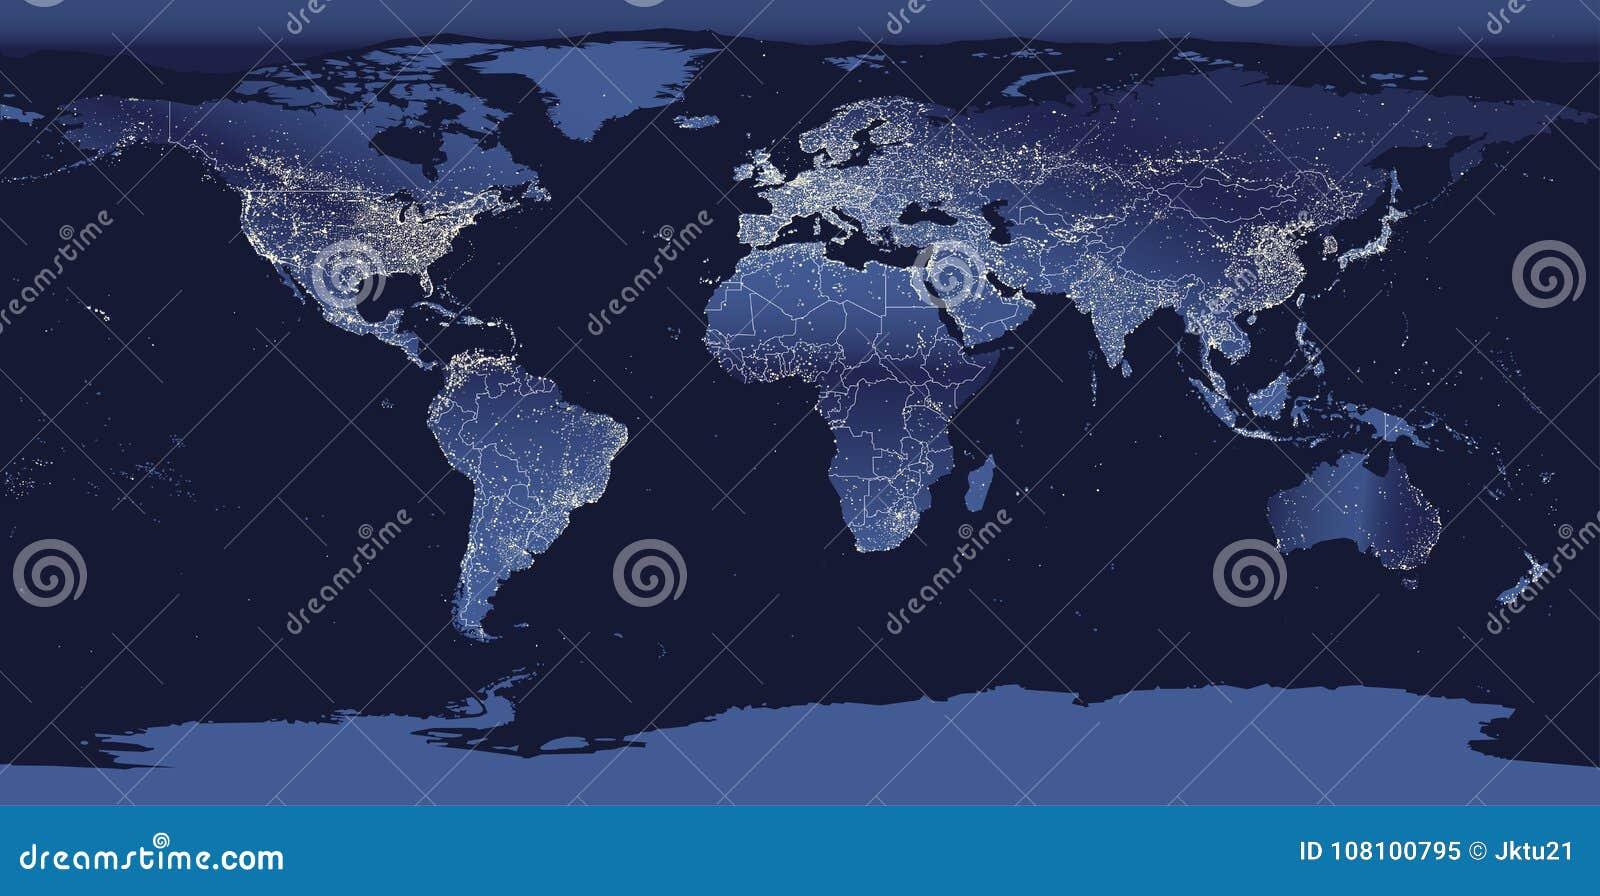 Χάρτης φω των παγκόσμιων πόλεων Γήινη άποψη νύχτας από το διάστημα επίσης corel σύρετε το διάνυσμα απεικόνισης